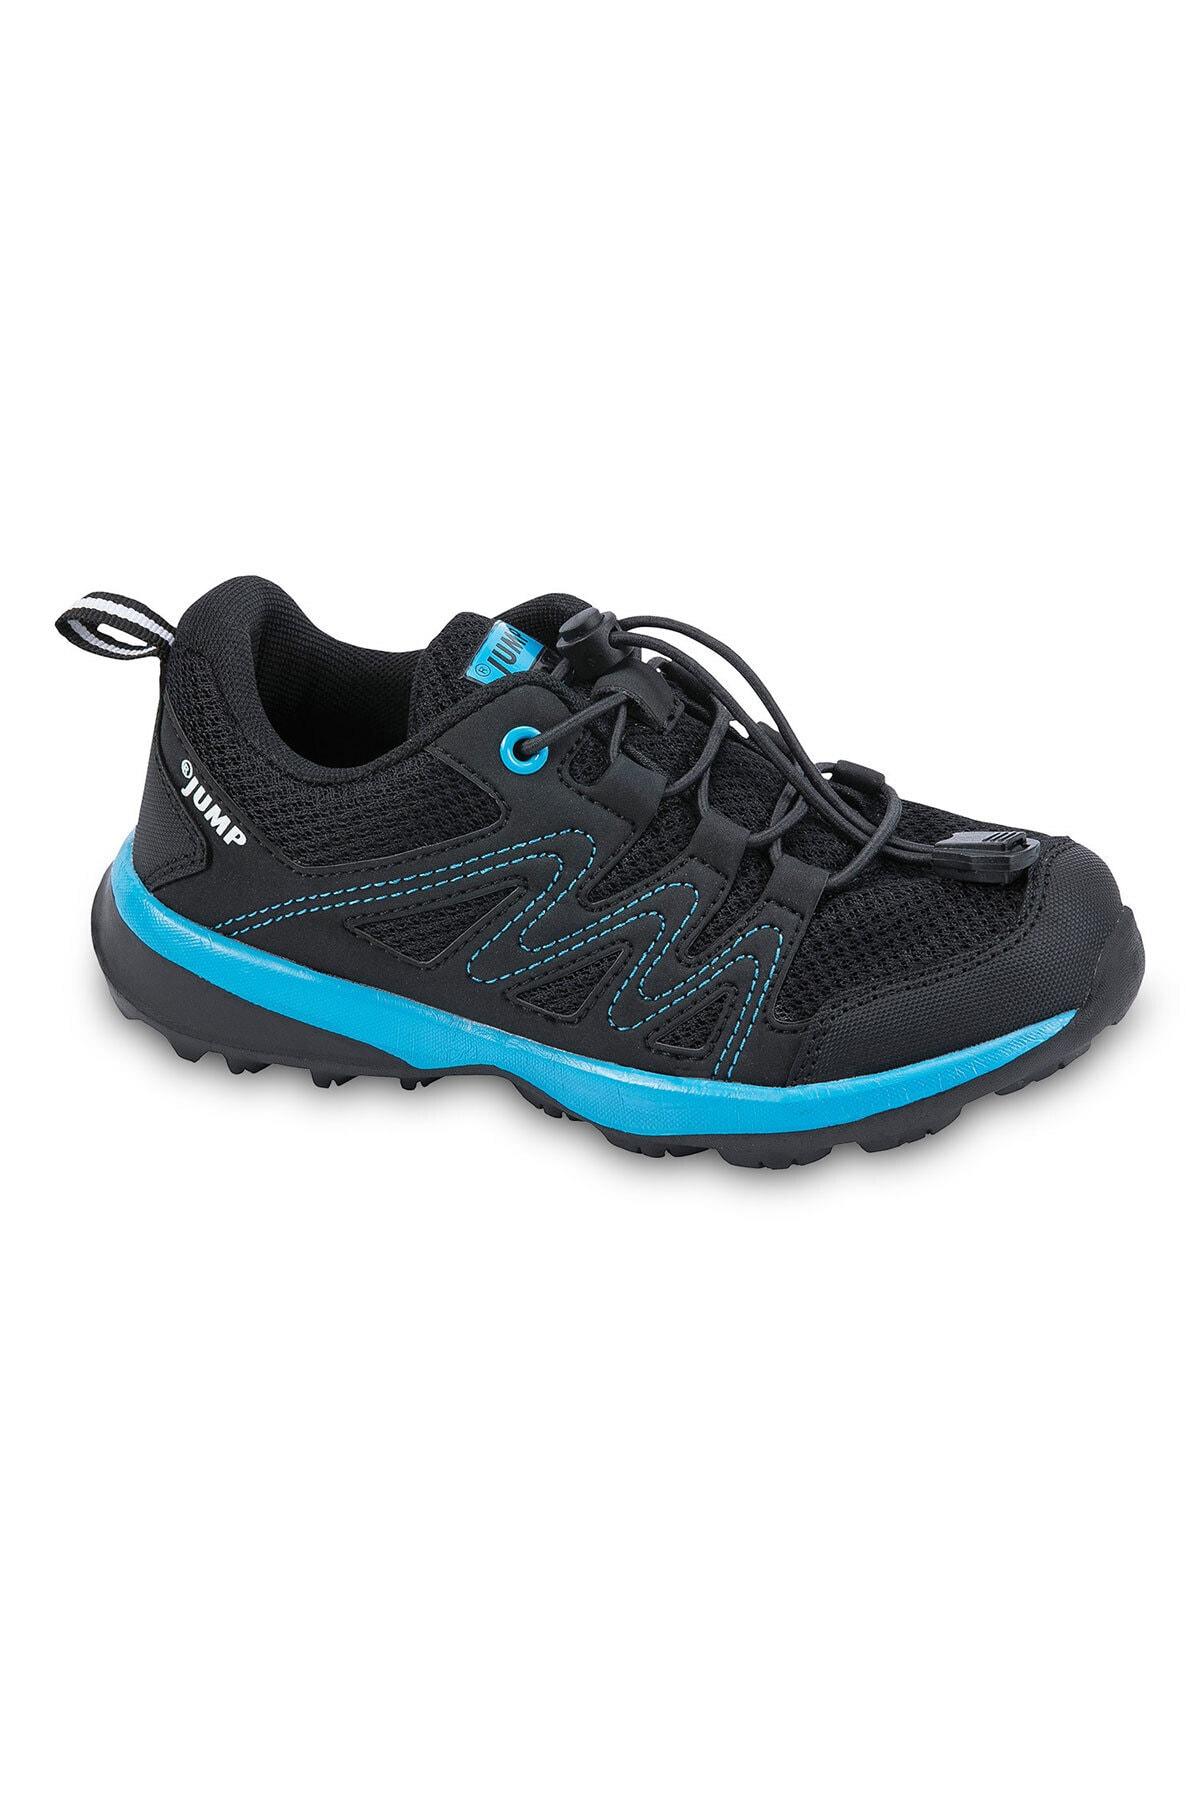 24802 Siyah - Mavi Erkek Çocuk Spor Ayakkabı